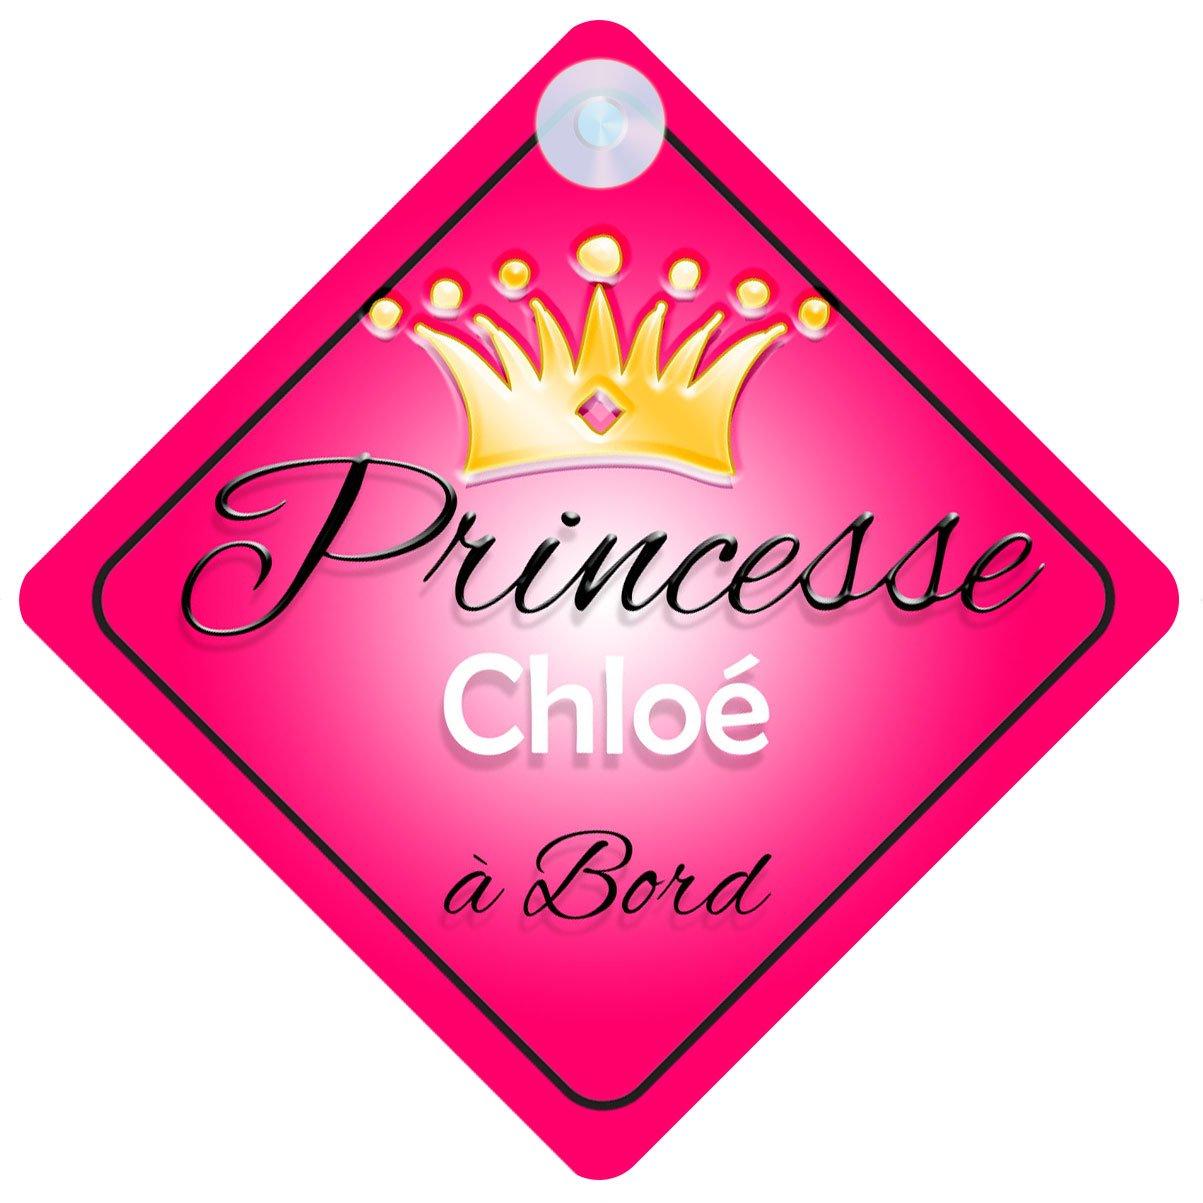 Princesse 001 Chloé Signe Pour Voiture Enfant/Bébé à Bord Quality Goods Ltd